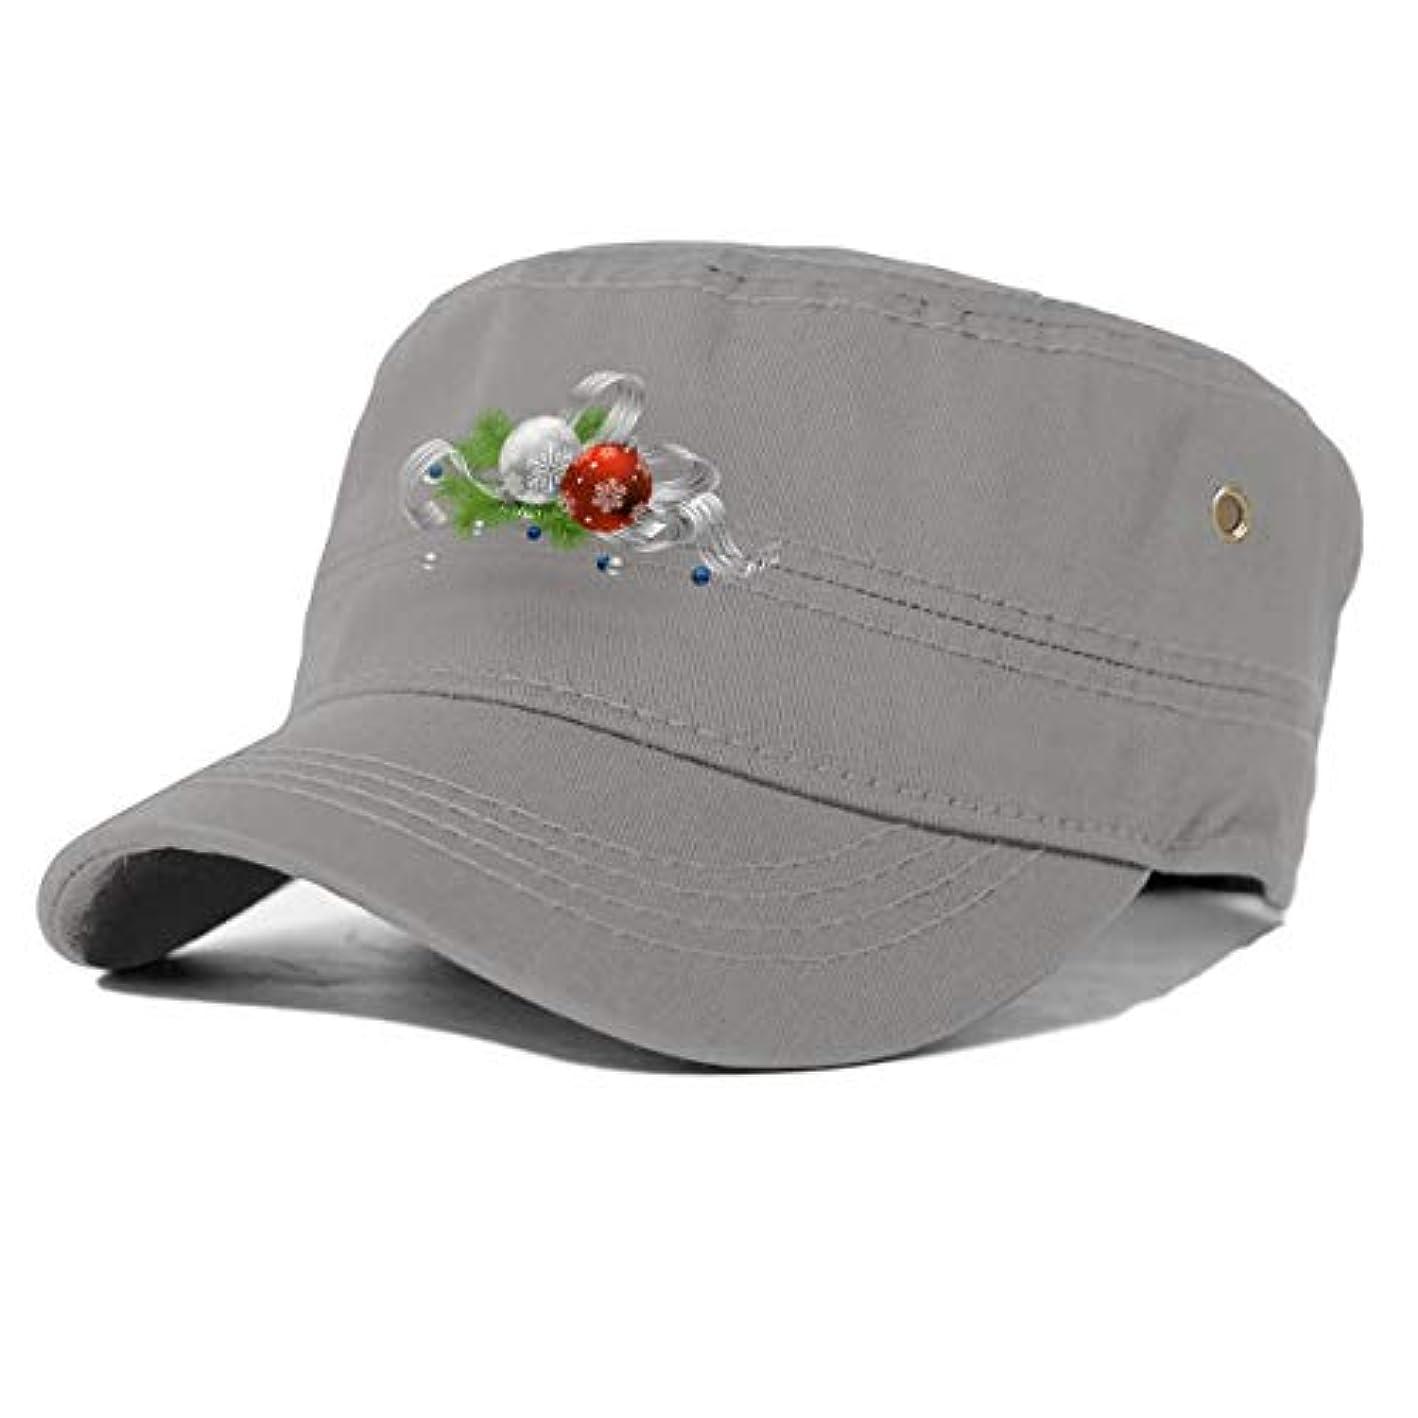 カウンタクッションホスト大人のフラットキャップ帽子曲げる綿男女通用 Essential Oil Christmas Tree Black